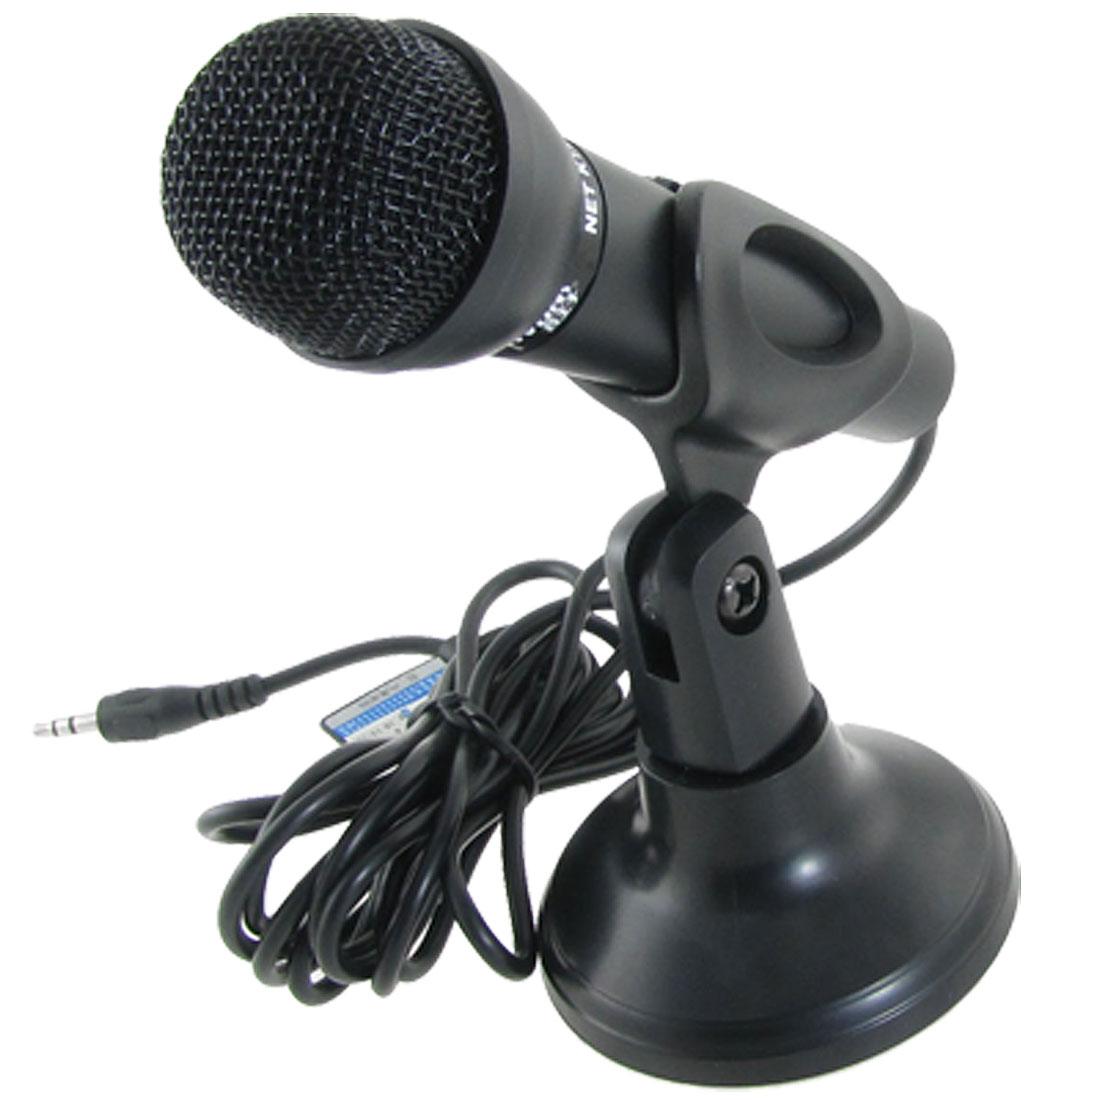 מיקרופון למחשב לאיכות דיבור מדהימה